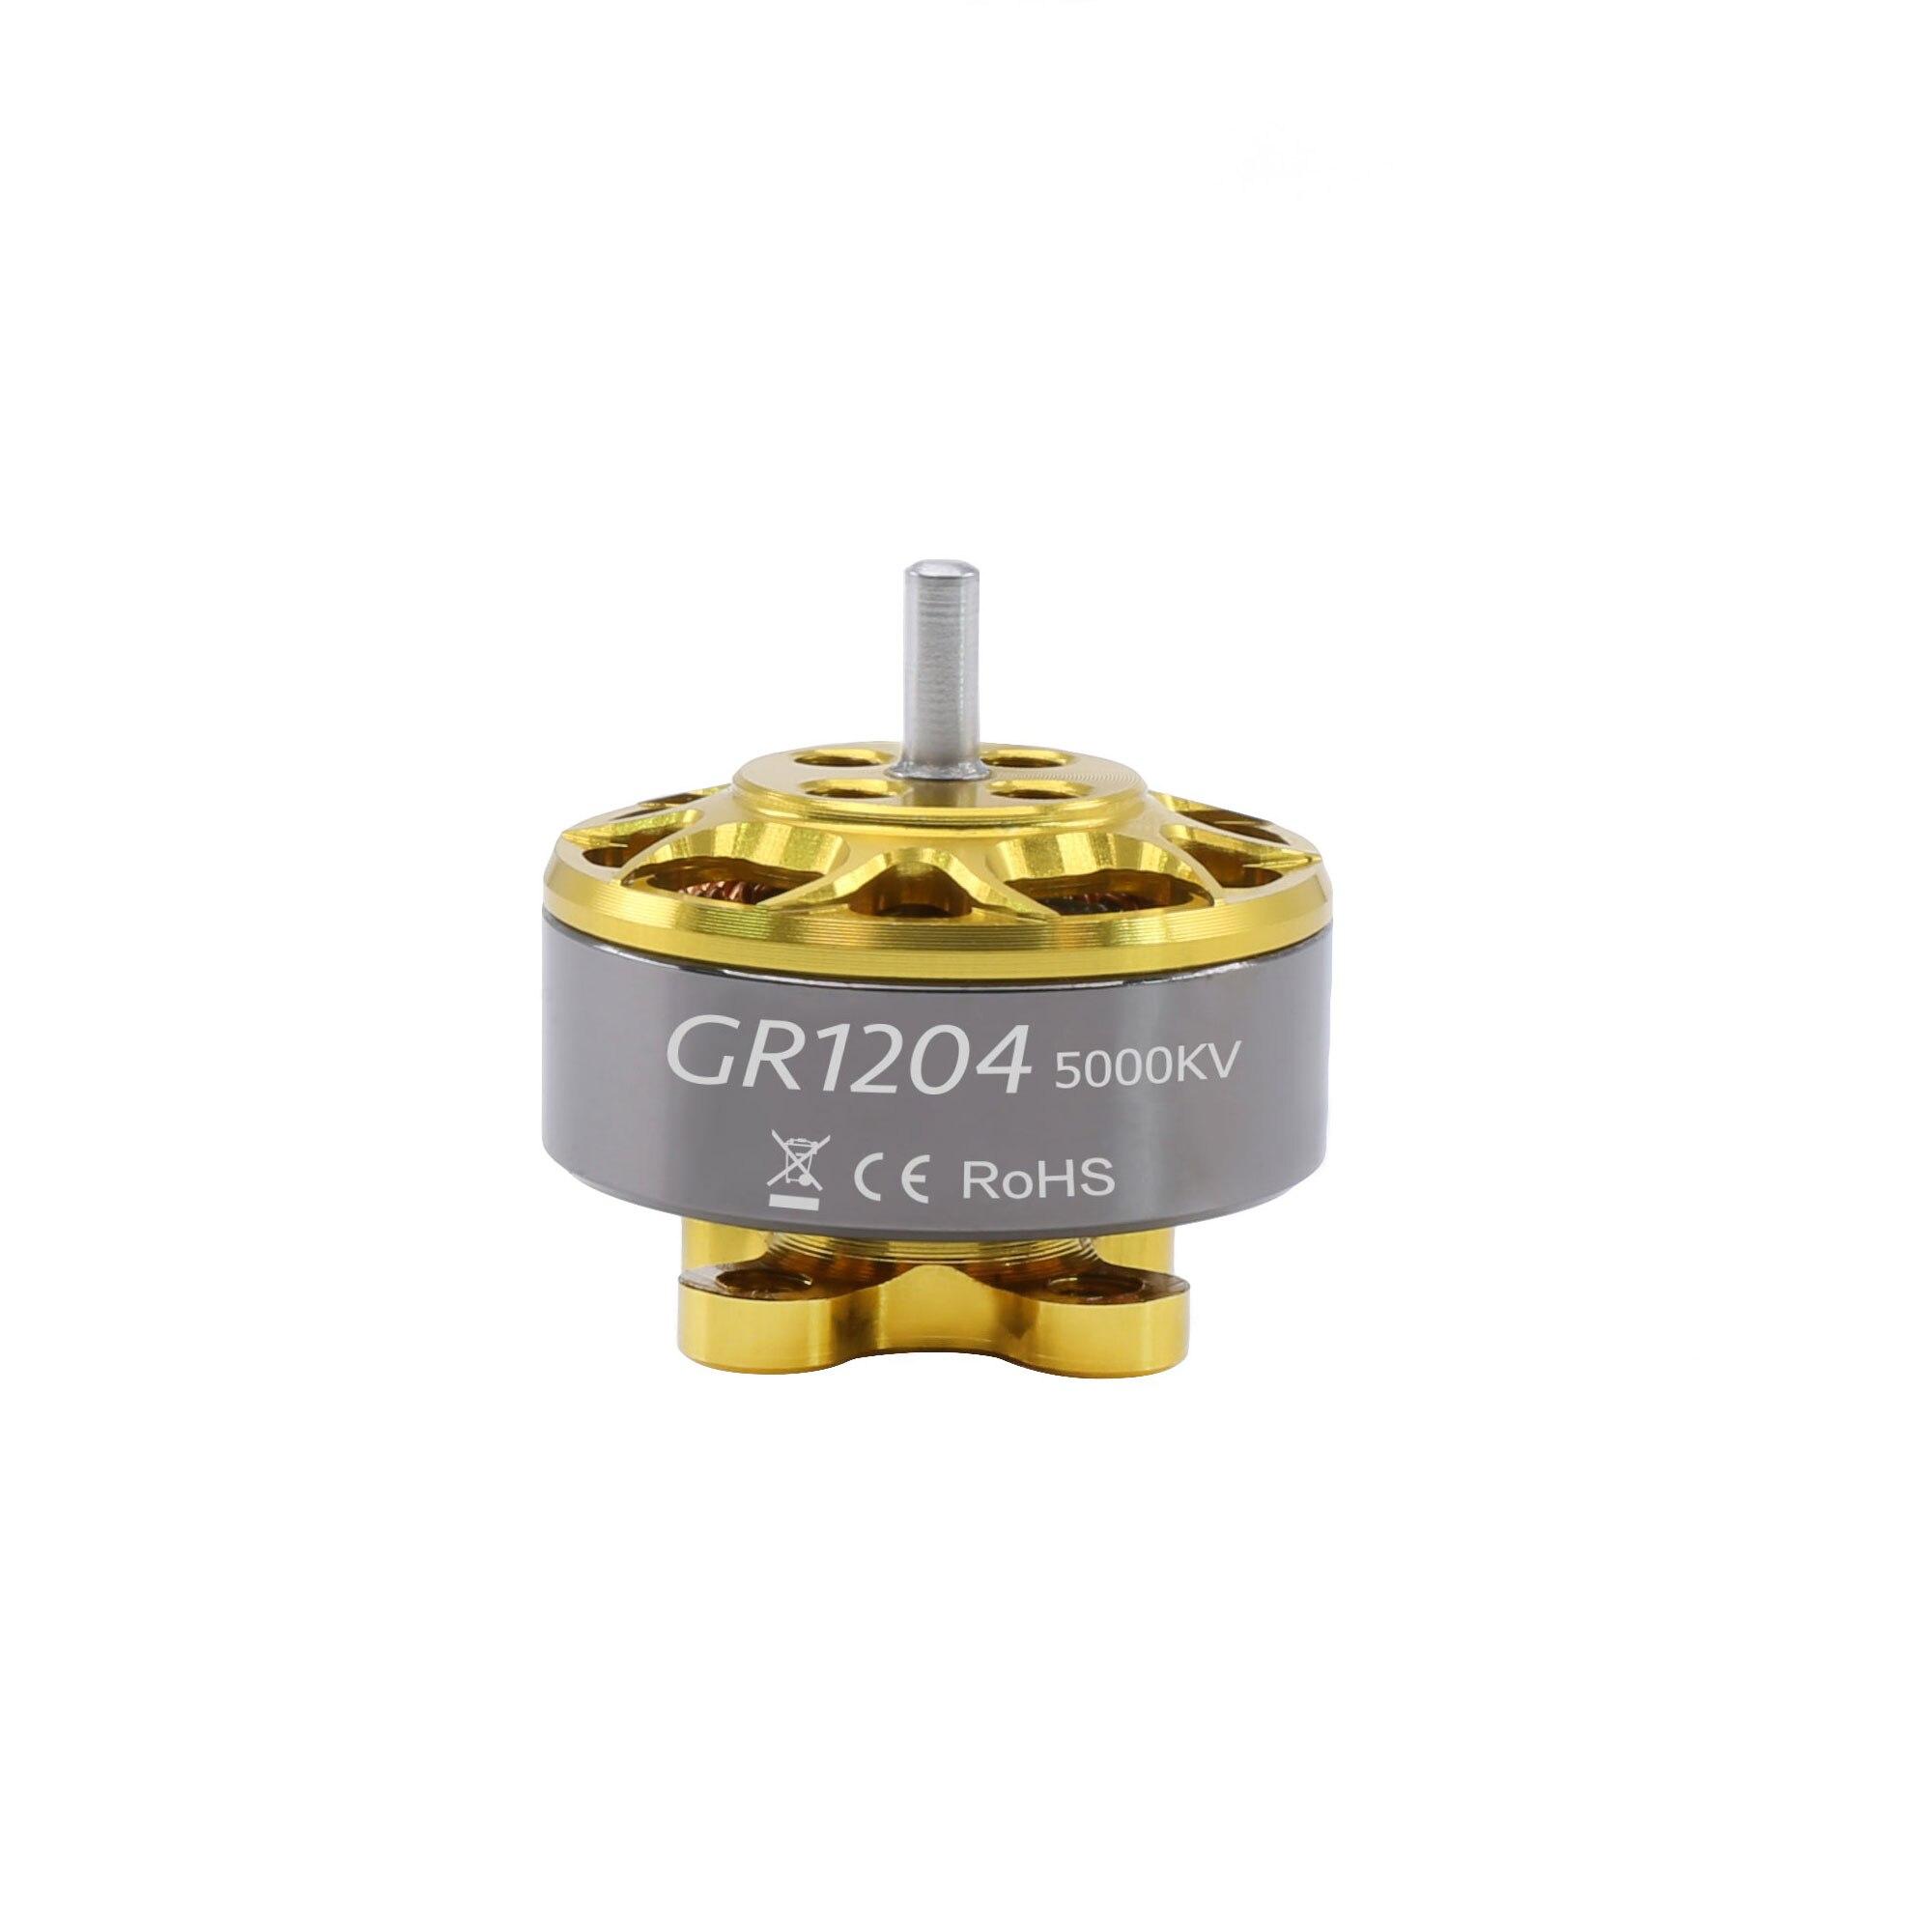 Двигатели GEPRC GR1204 5000kv подходят для стандартной серии для радиоуправляемого FPV квадрокоптера, гоночного фристайла, аксессуары, детали